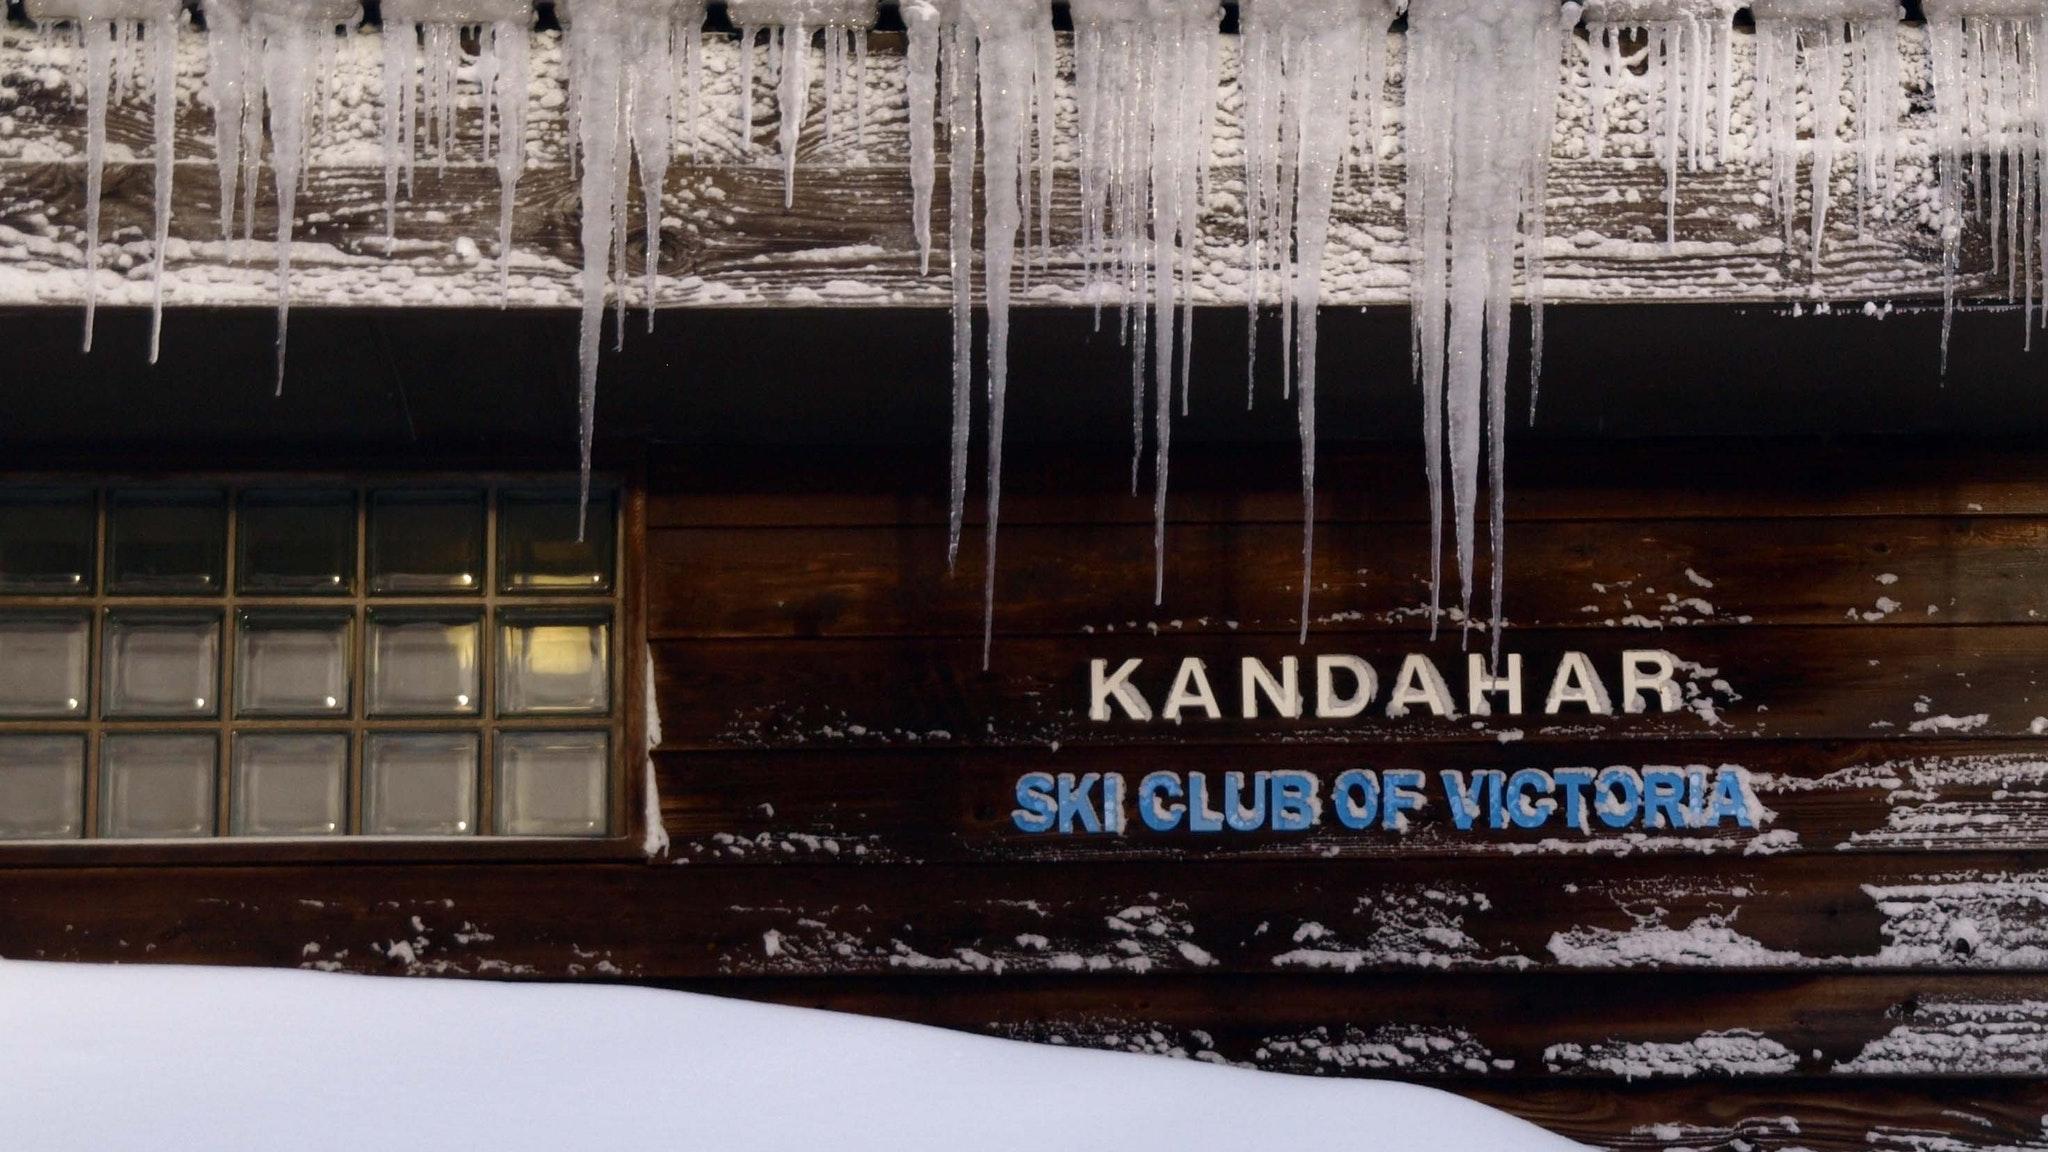 Kandahar in winter